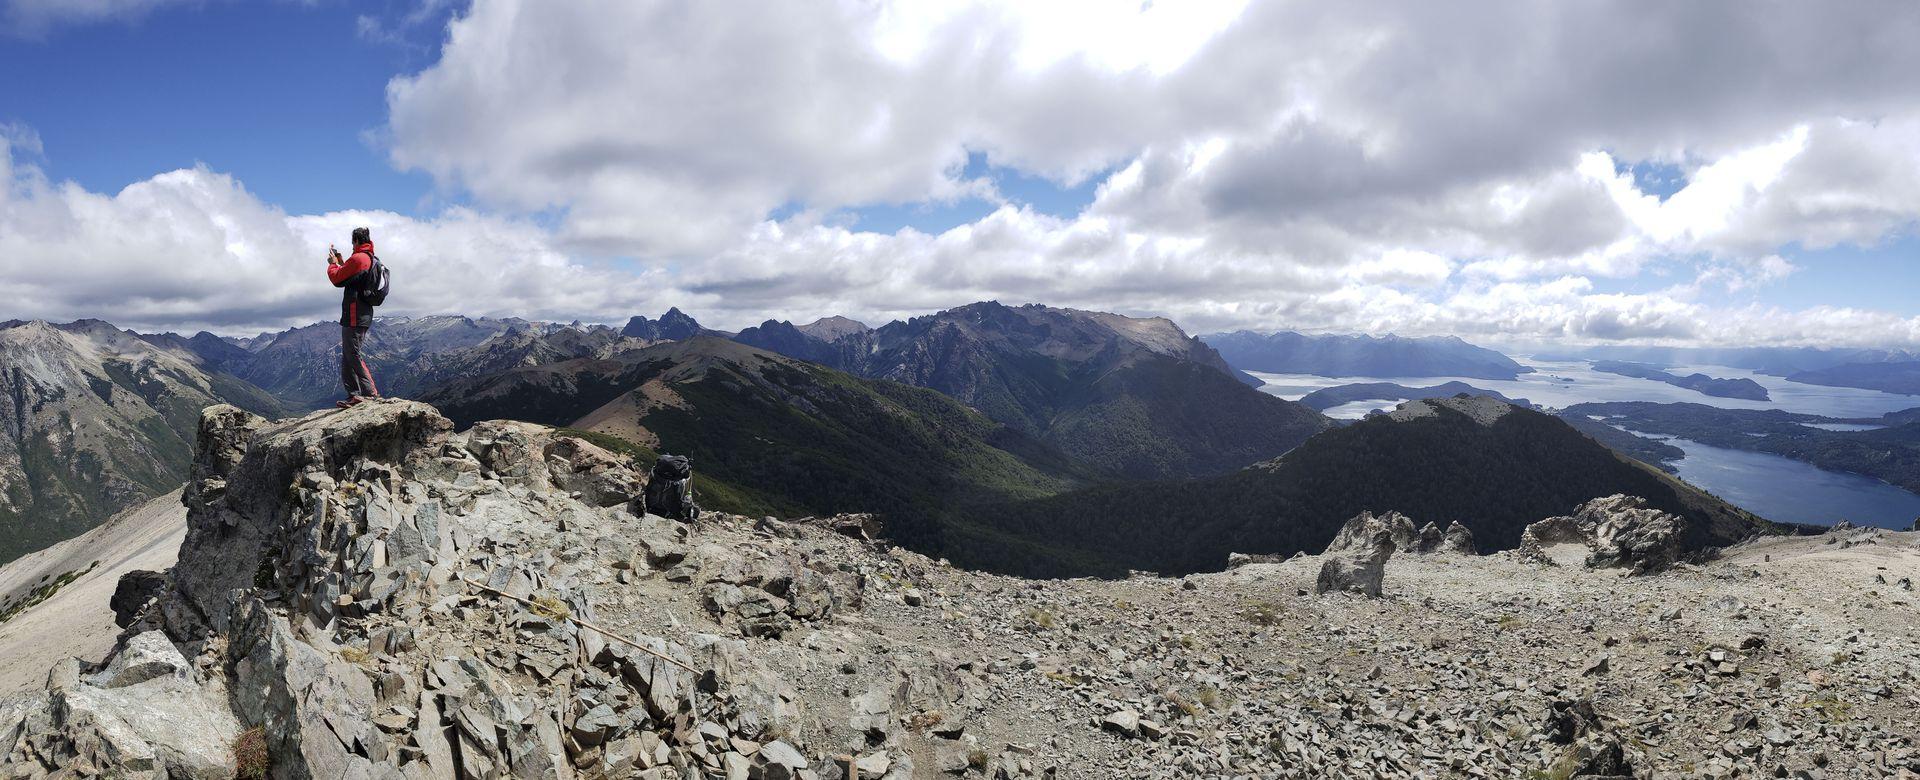 Ascenso all cerro Bellavista en Bariloche, entre coihues morrudos, el típico ciprés cordillerano y cañas colihues.